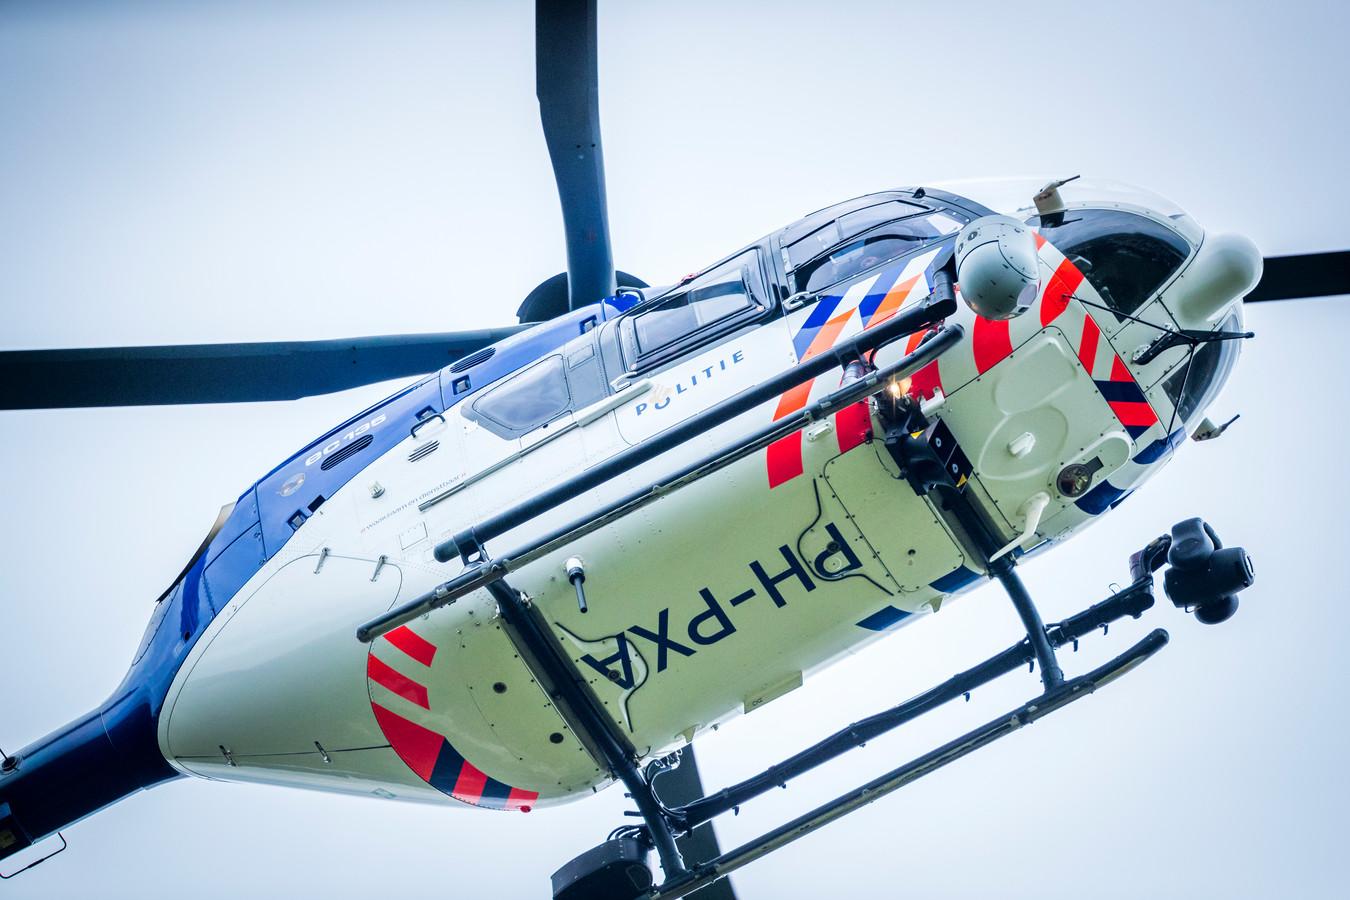 Een politiehelikopter. Foto ter illustratie